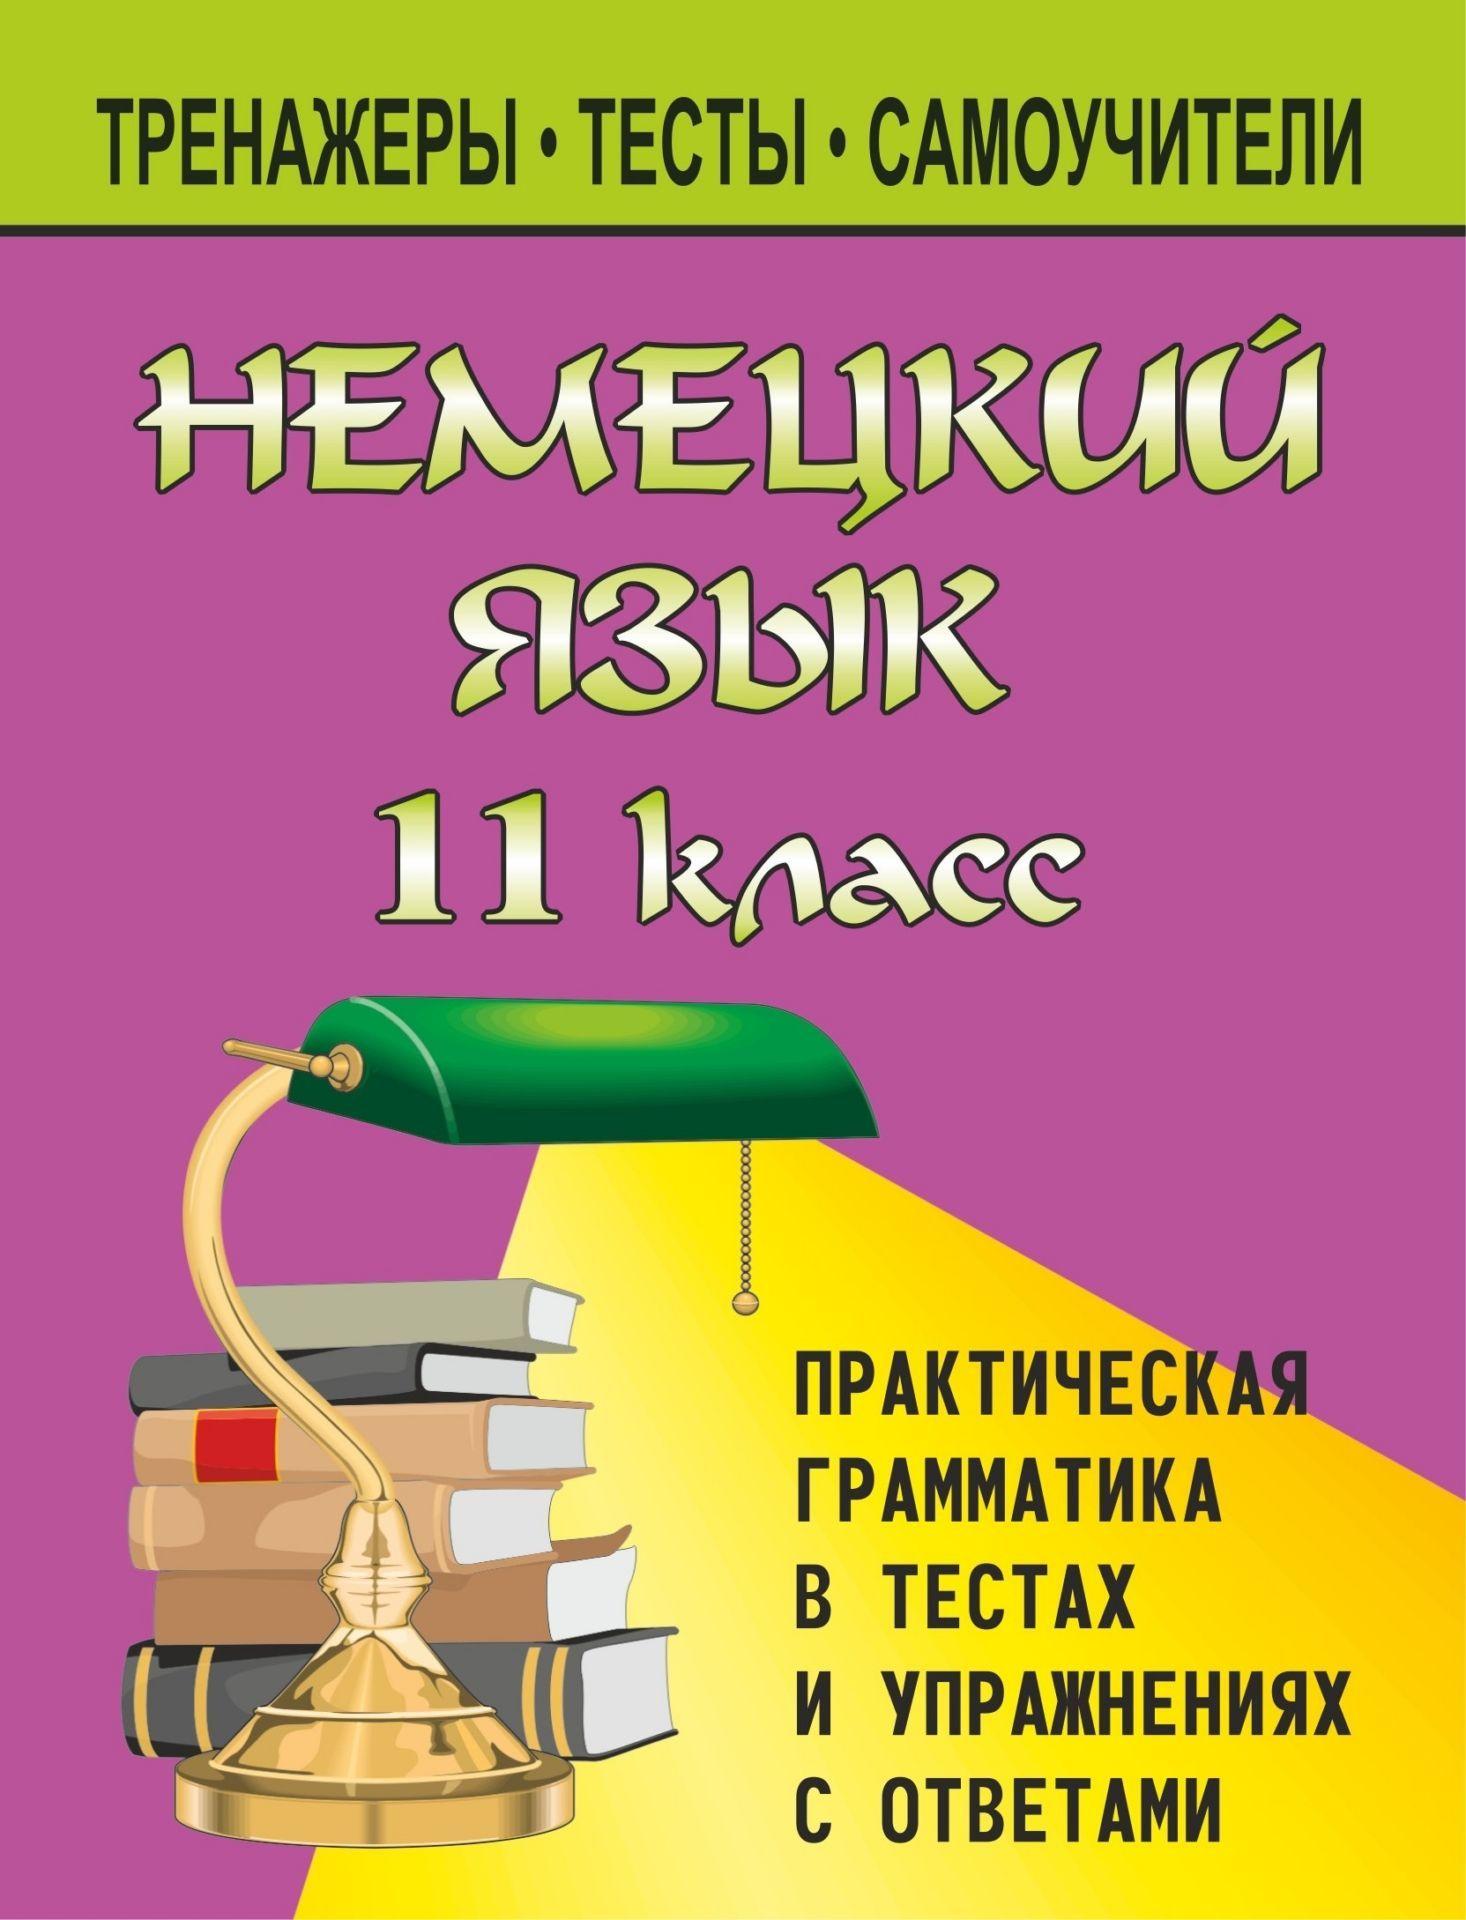 Немецкий язык. 11 кл. Практическая грамматика в тестах и упражнениях с ответамиСредняя школа<br>В пособии дана подборка учебно-тренировочных тестов и упражнений по практической грамматике немецкого языка, которые помогут учащимся лучше усвоить грамматические темы курса 11 класса (учебник Г. И. Воронина, И. В. Карелина Немецкий язык, контакты для 1...<br><br>Авторы: Лемякина  О. В.<br>Год: 2007<br>Серия: Тренажеры. Тесты. Самоучители<br>ISBN: 978-5-7057-0852-9<br>Высота: 195<br>Ширина: 140<br>Толщина: 8